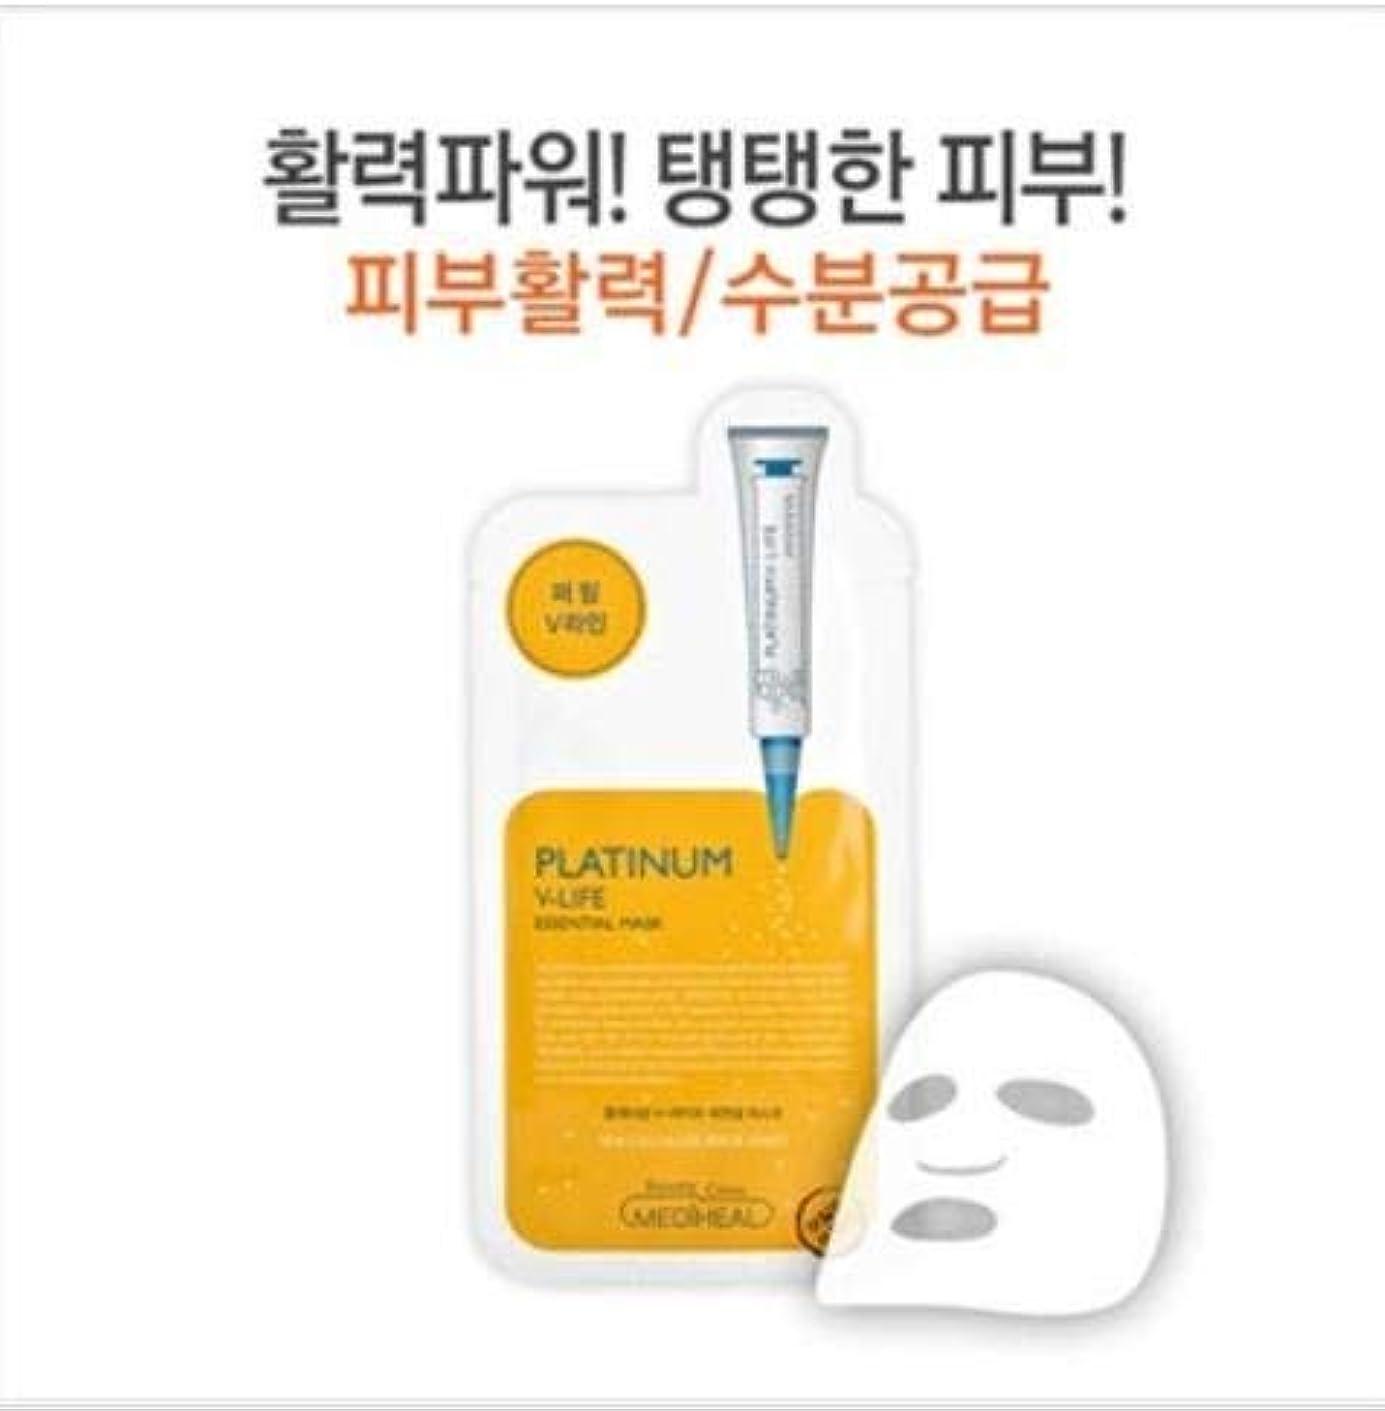 閉じる質量シロクマ★大人気★[メディヒール] Mediheal [プラチナ V-ライフ エッセンシャル マスク (10枚)] (Platinum V-LIFE Essential Mask (10EA) [並行輸入品]